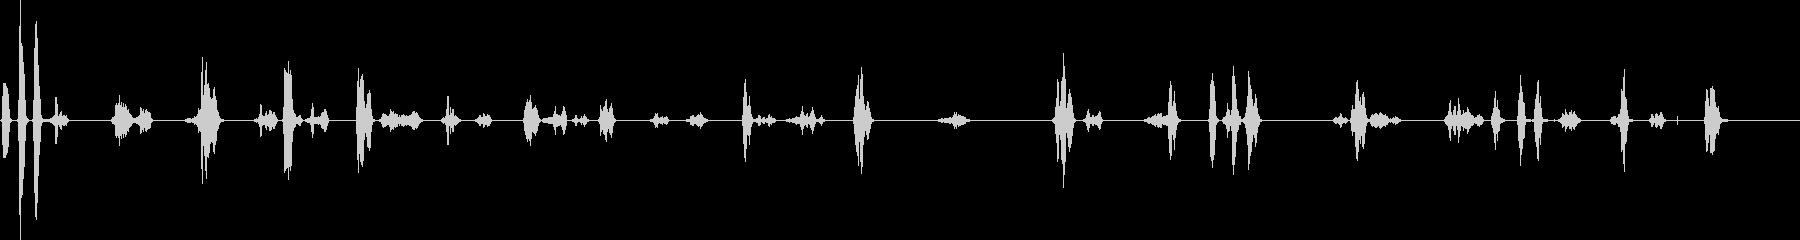 スズメの鳴き声(至近距離)の未再生の波形